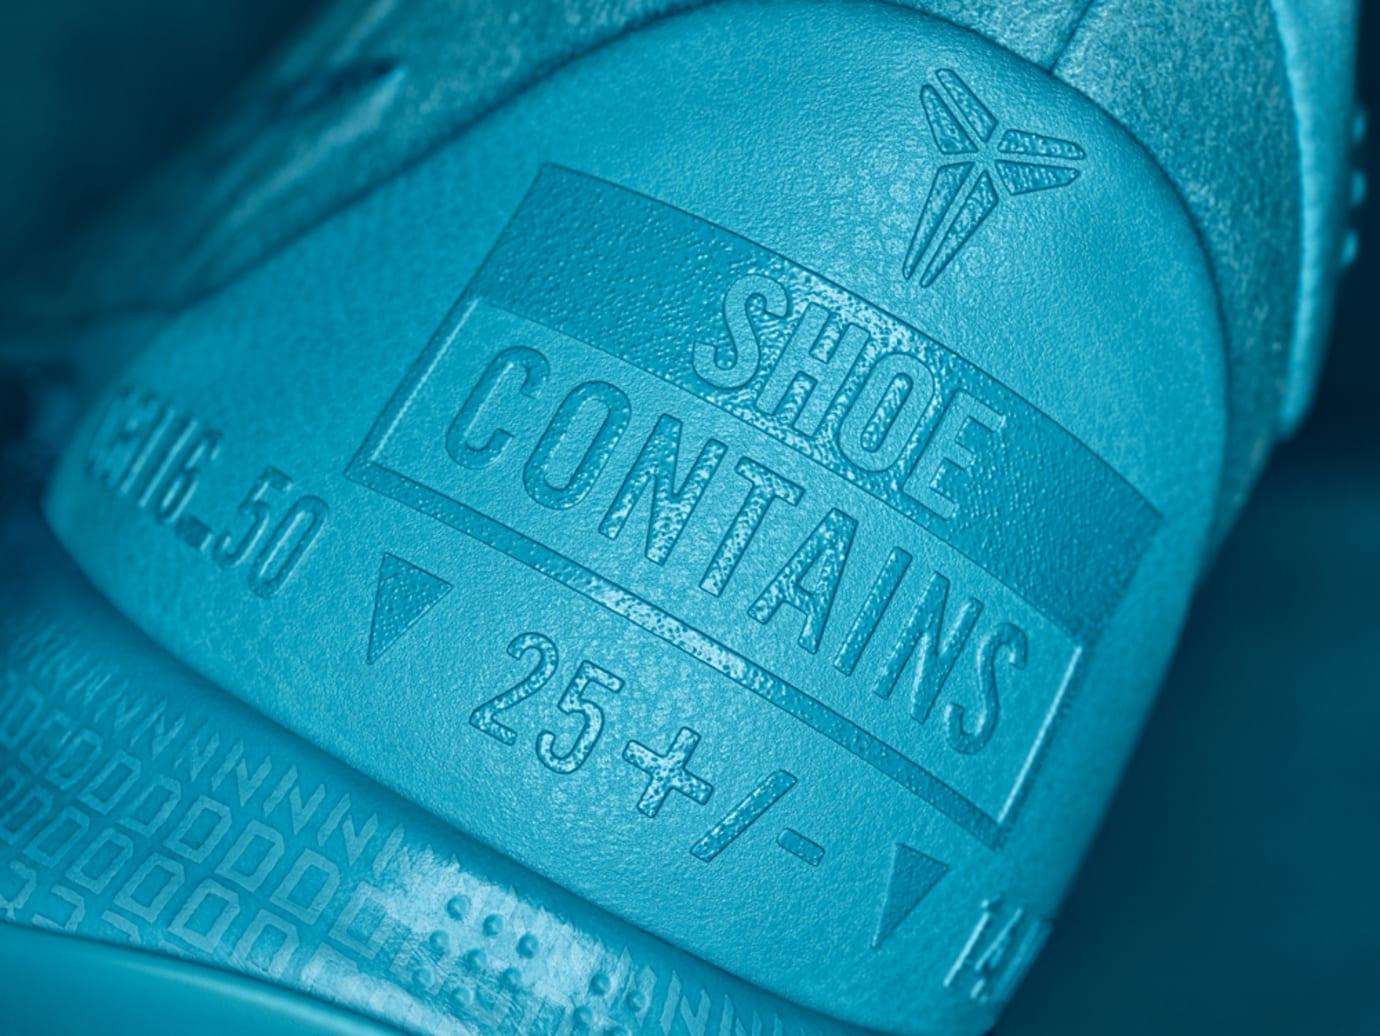 Nike Kobe AD Mid Blue Heel